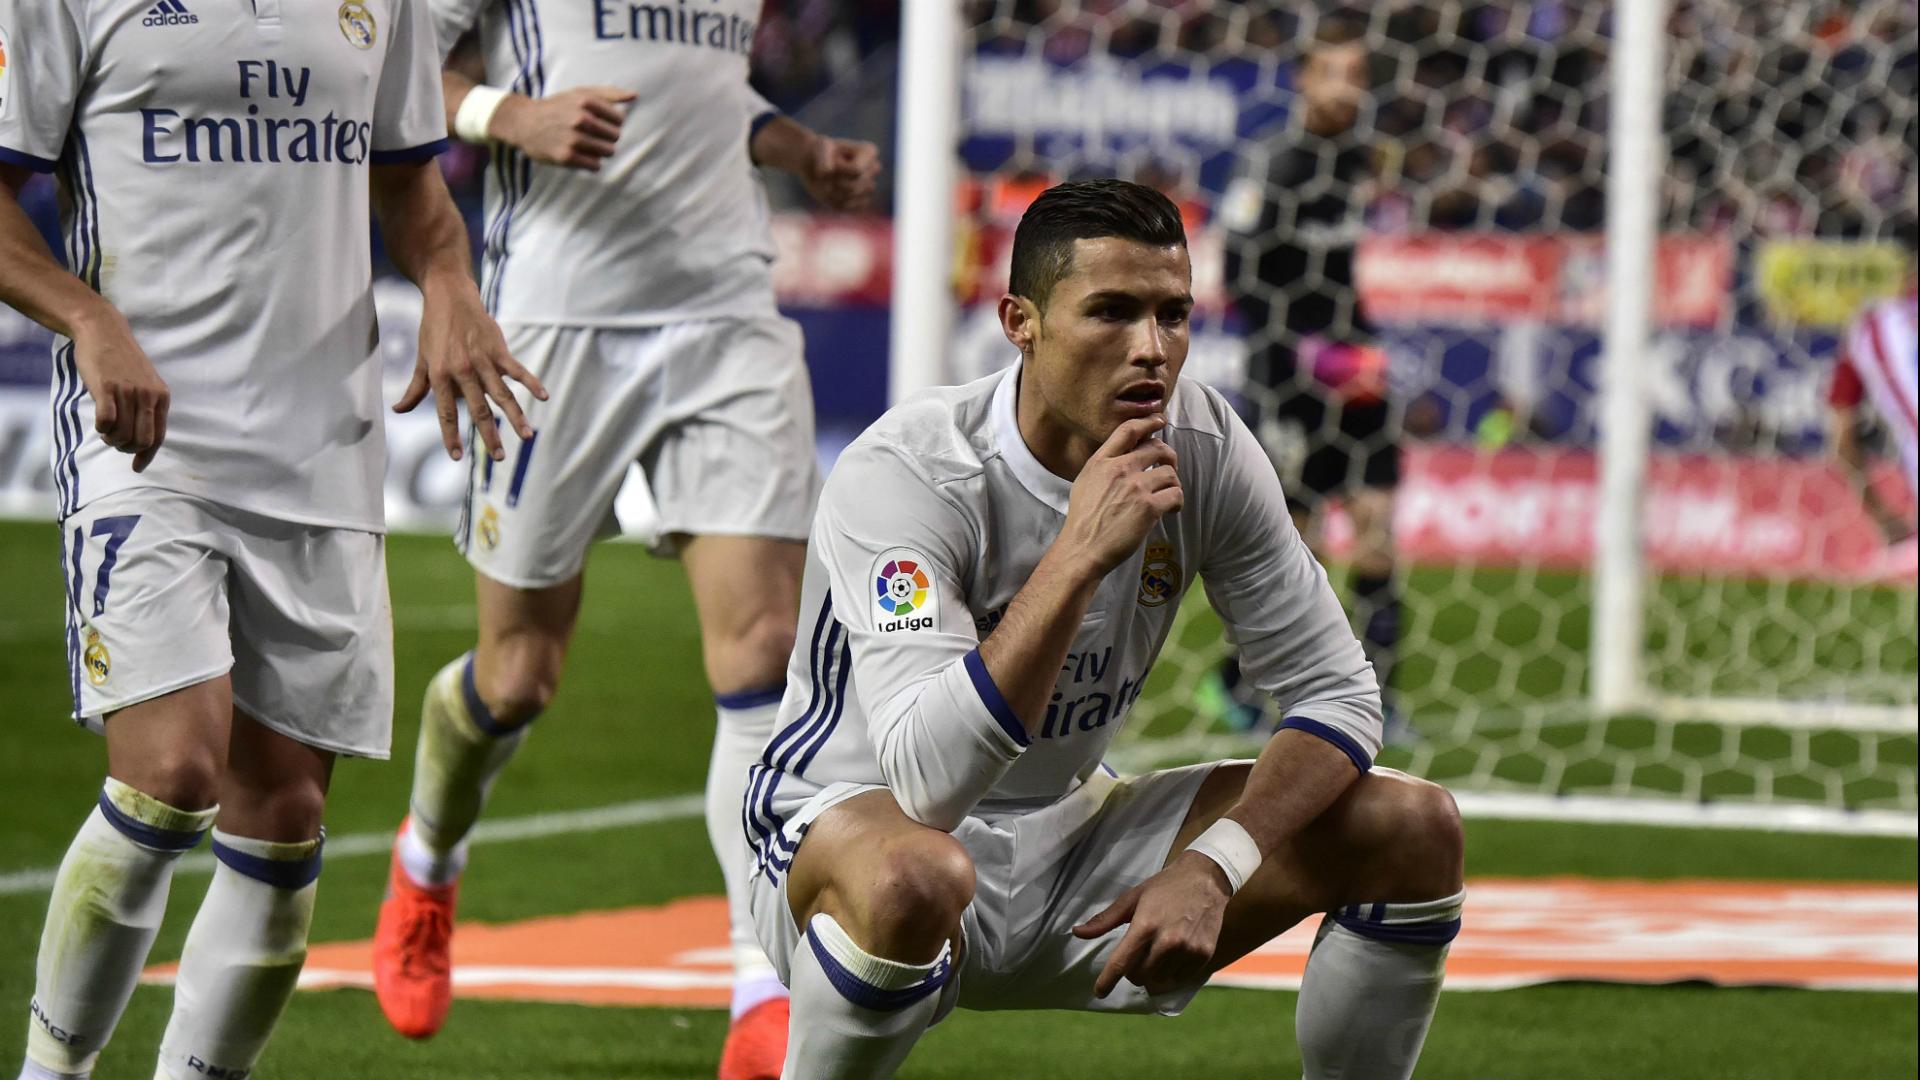 El Madrid se dispara en el derbi.